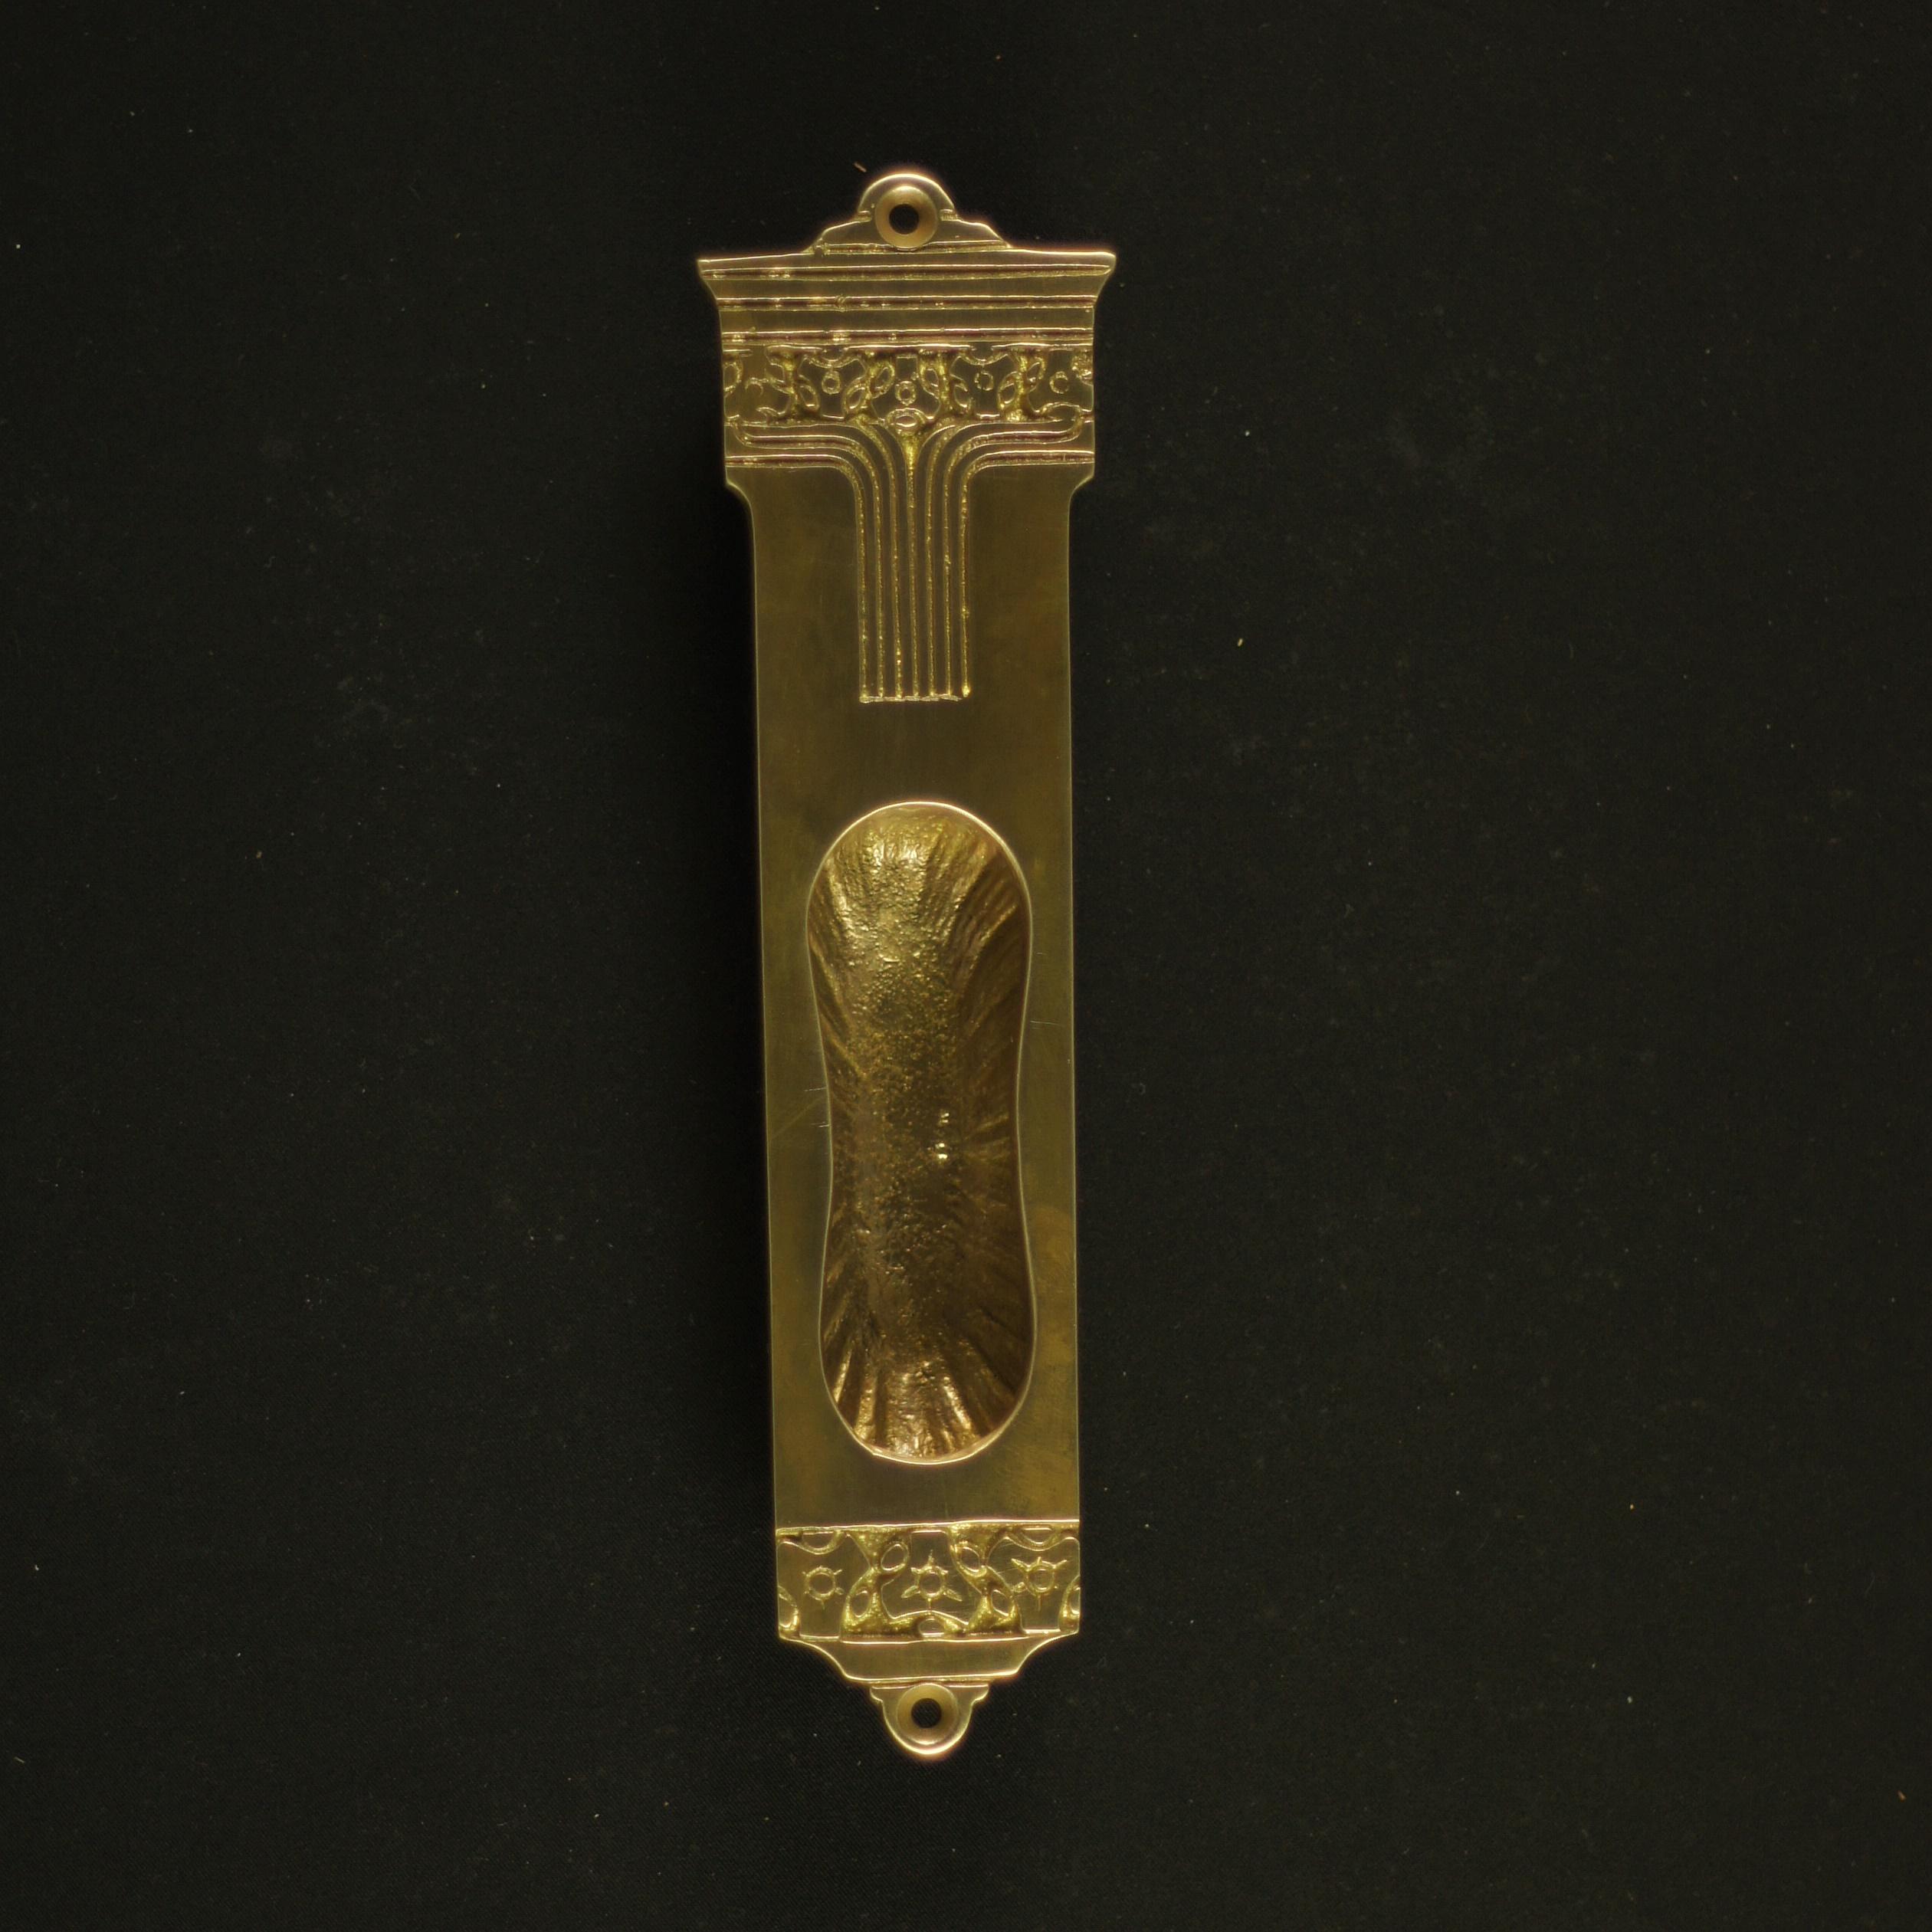 325.0018.45  Schiebetürmuschel Jugendstil - antike Türmuschel